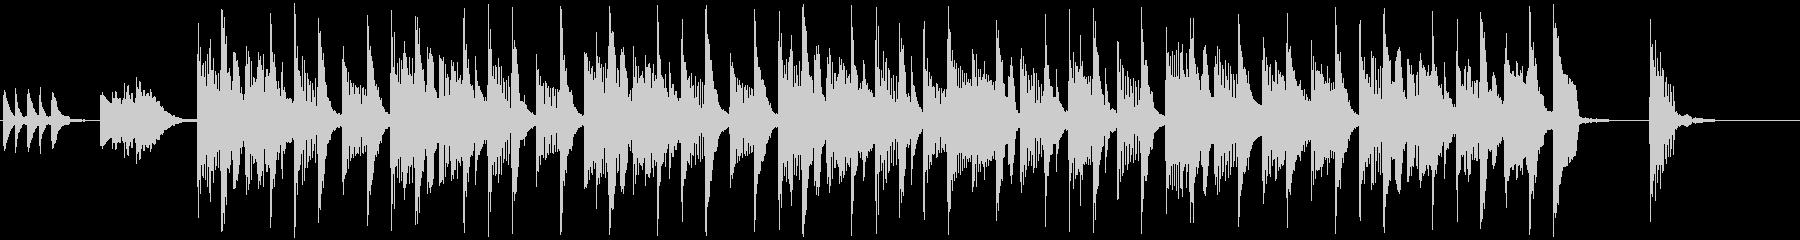 コミカル・ドタバタ(メロあり)ショートの未再生の波形